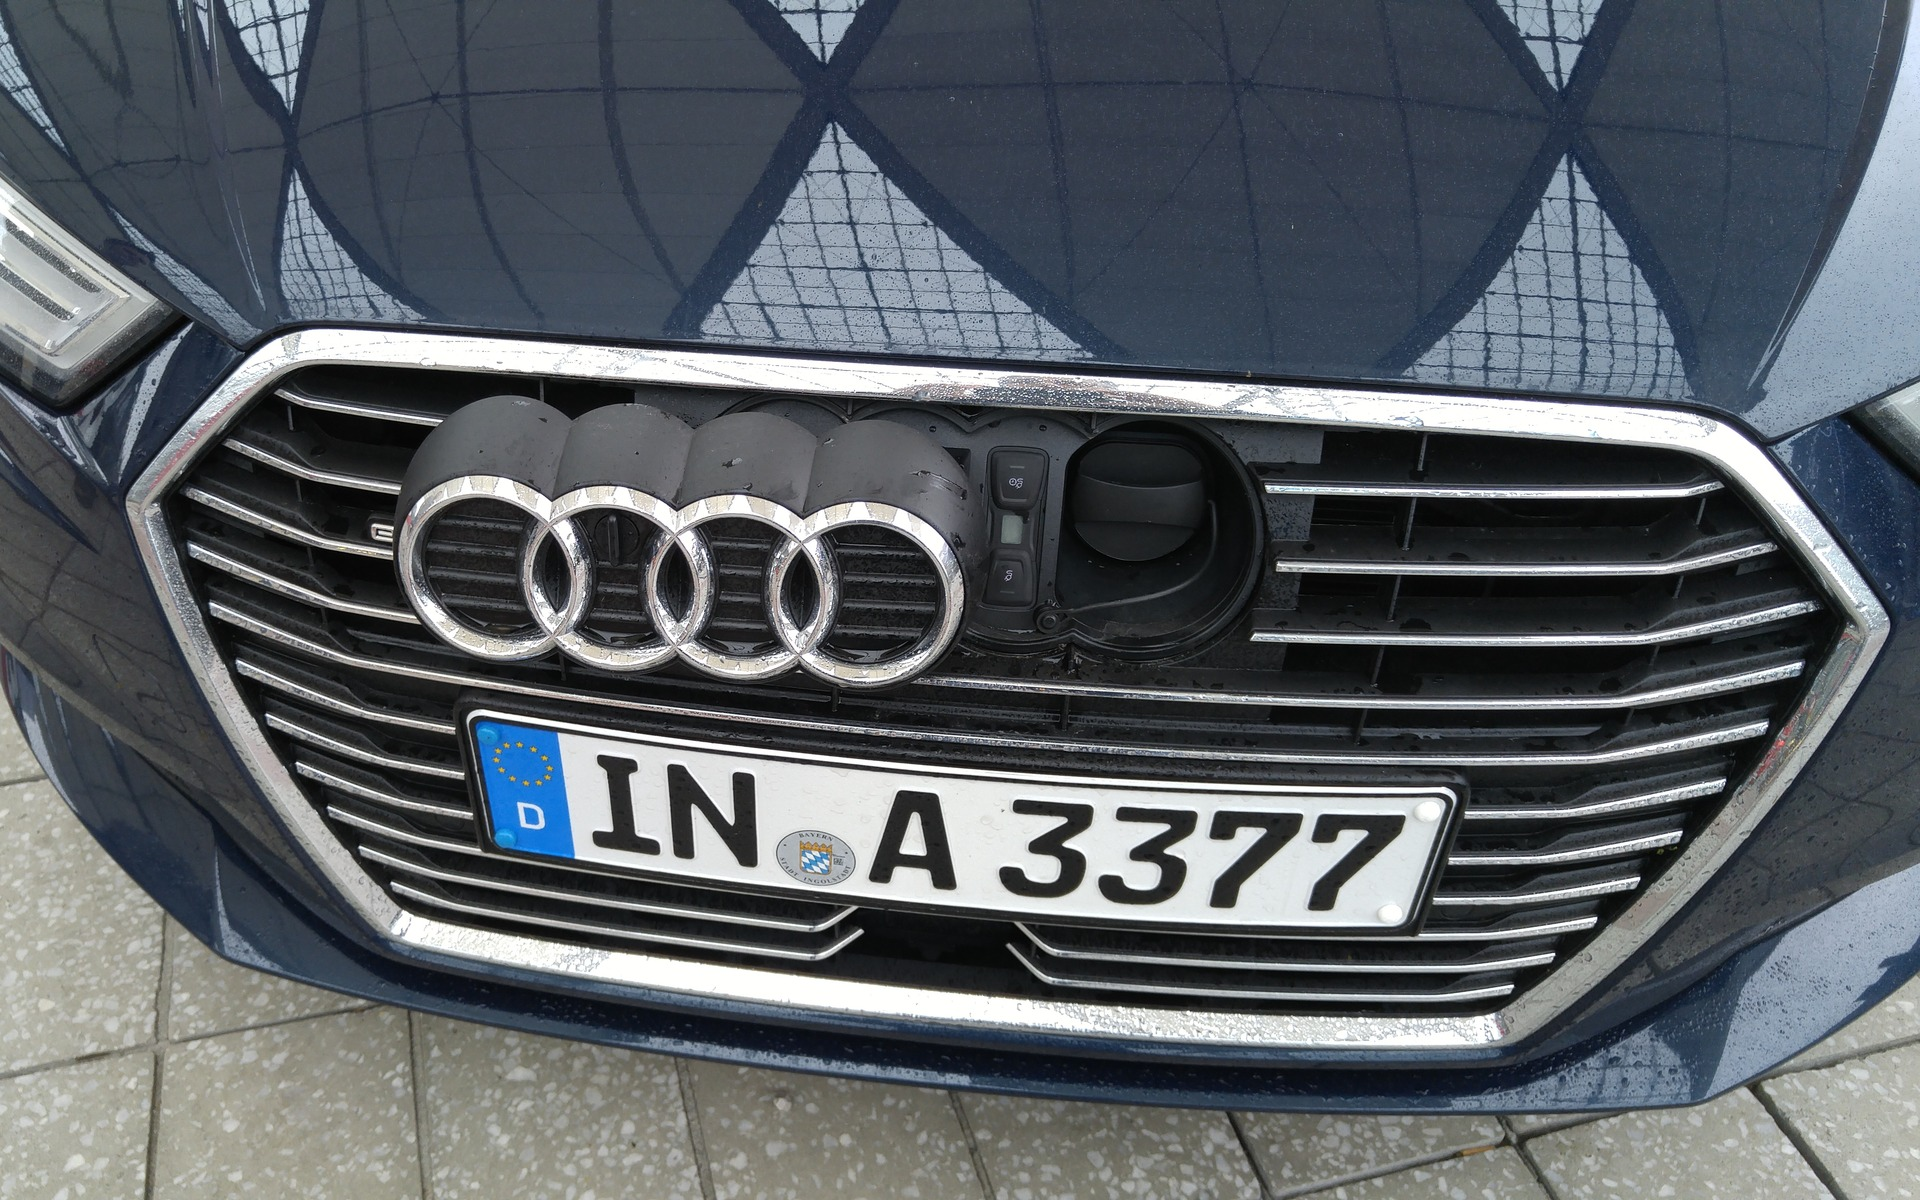 Audi A3 2017 La Belle Affaire 17 25